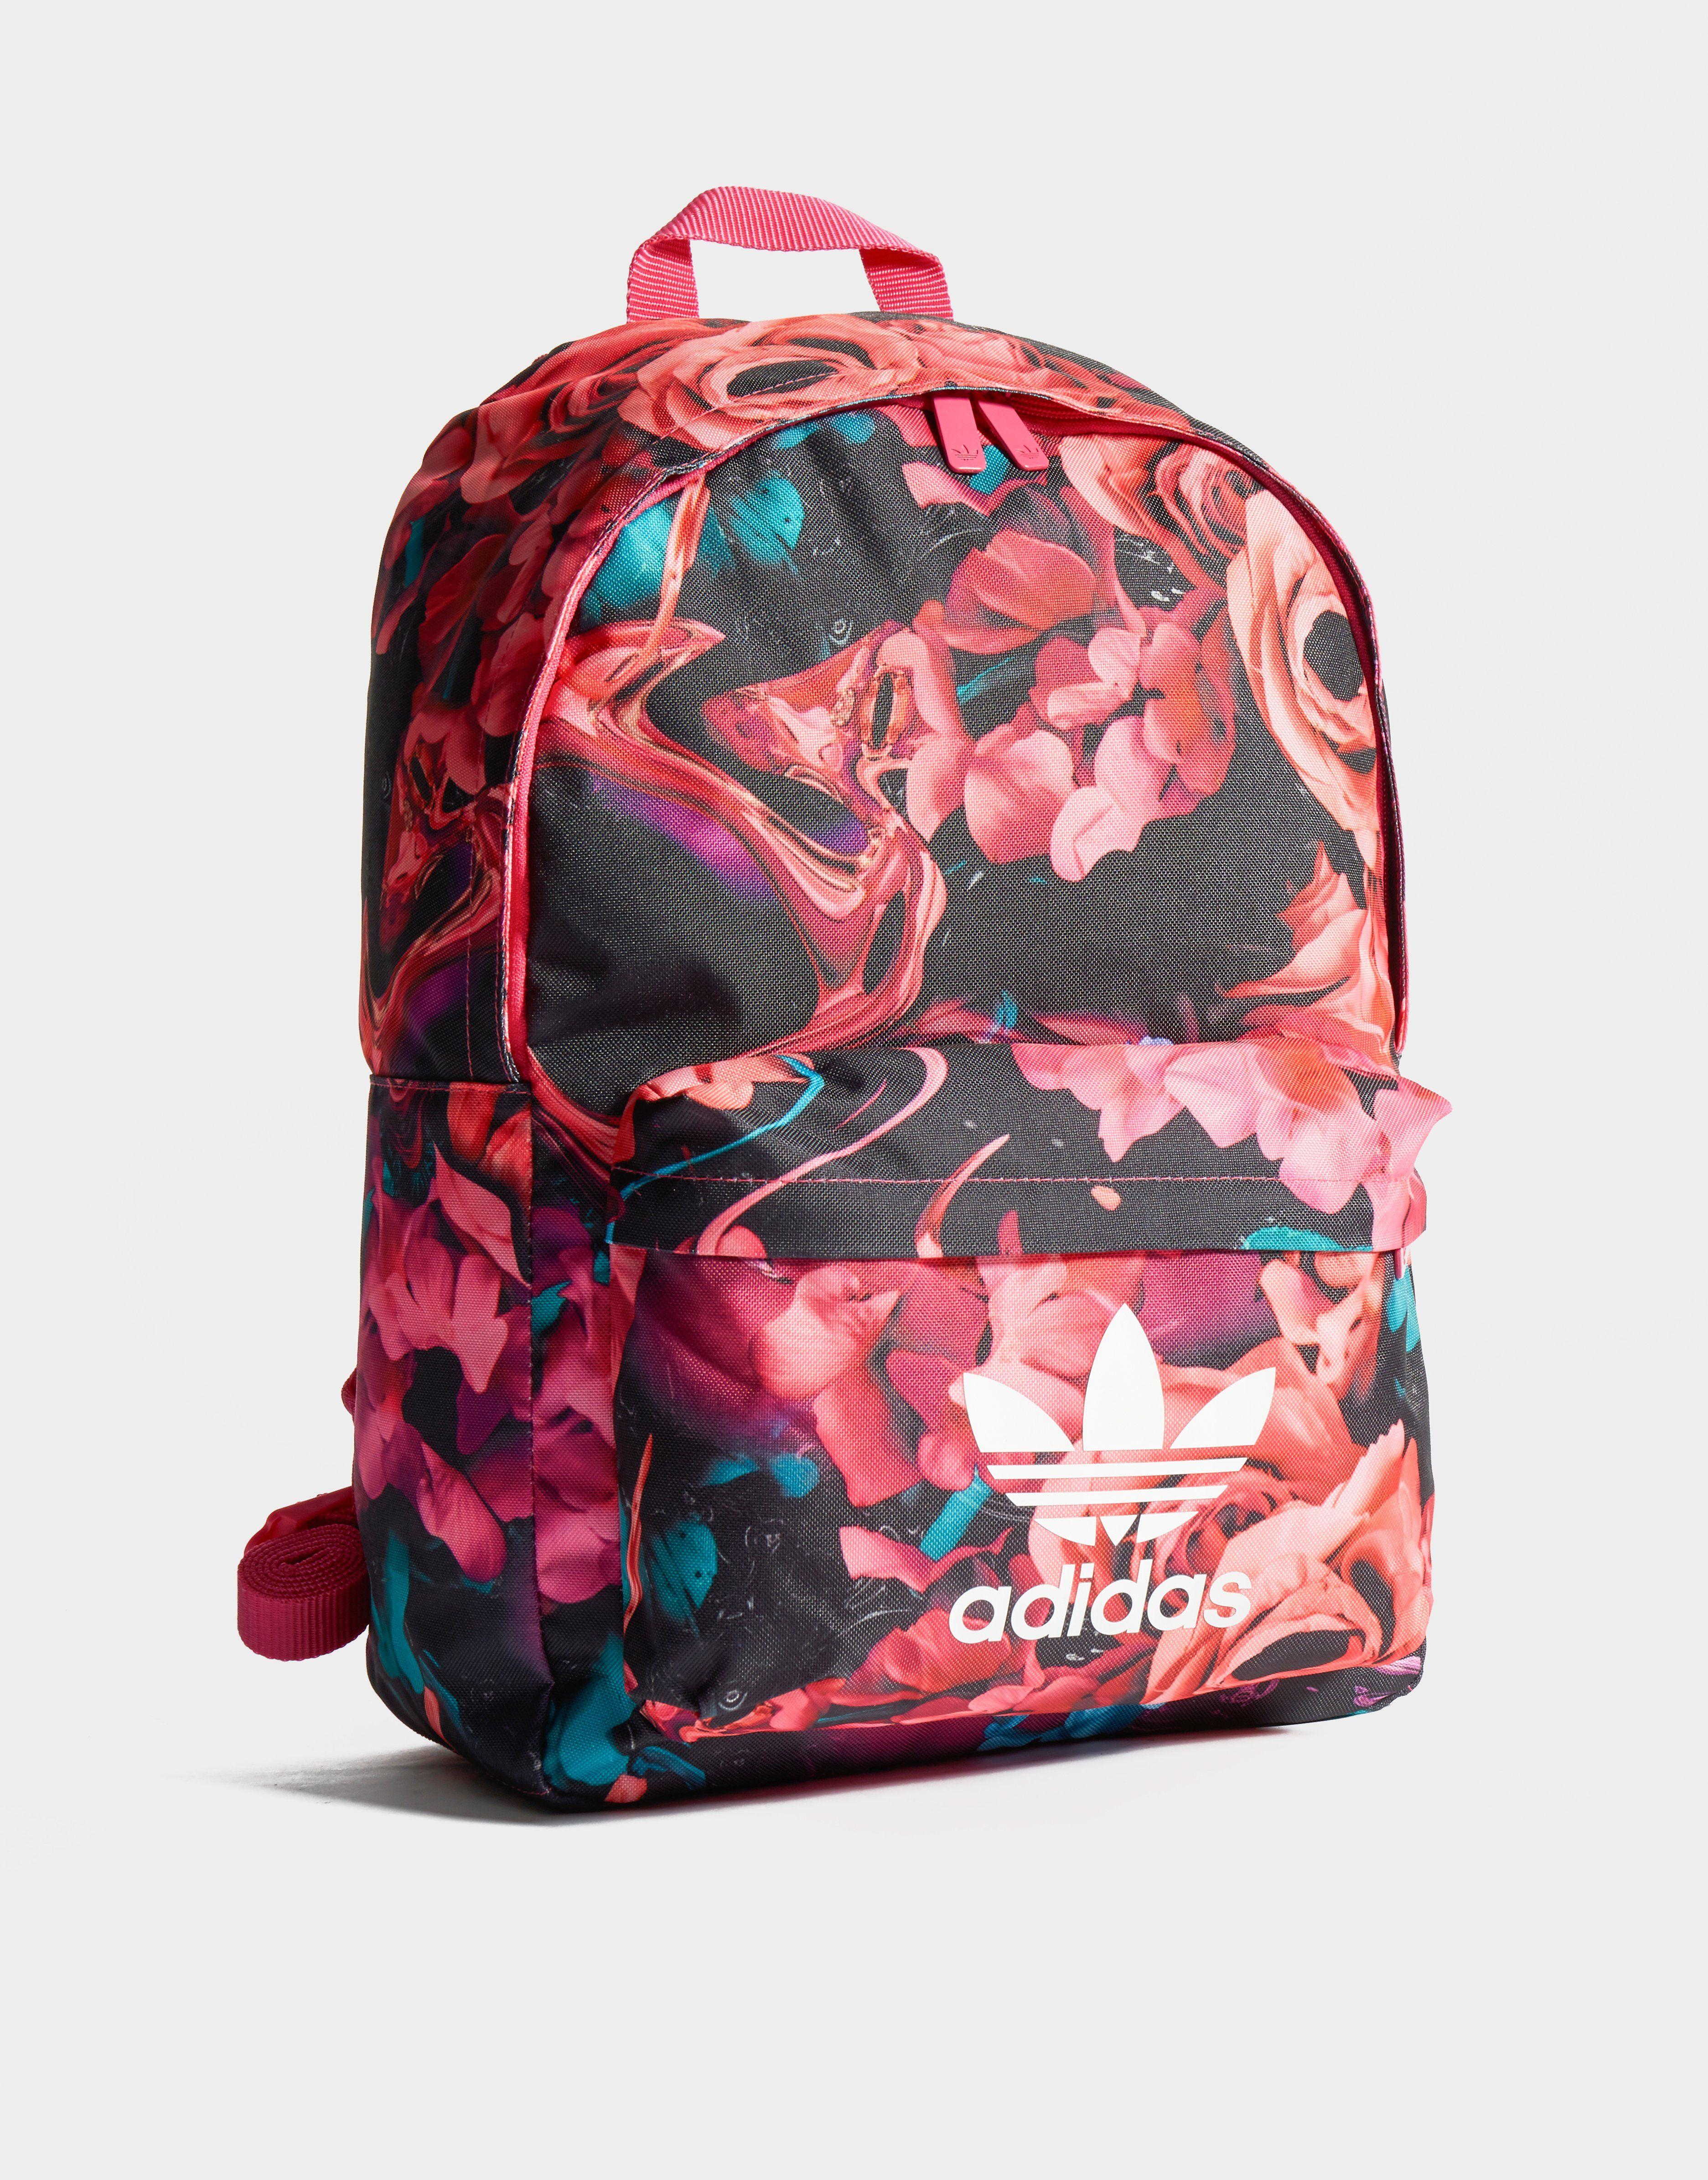 adidas Originals Print Backpack  ade705a787110